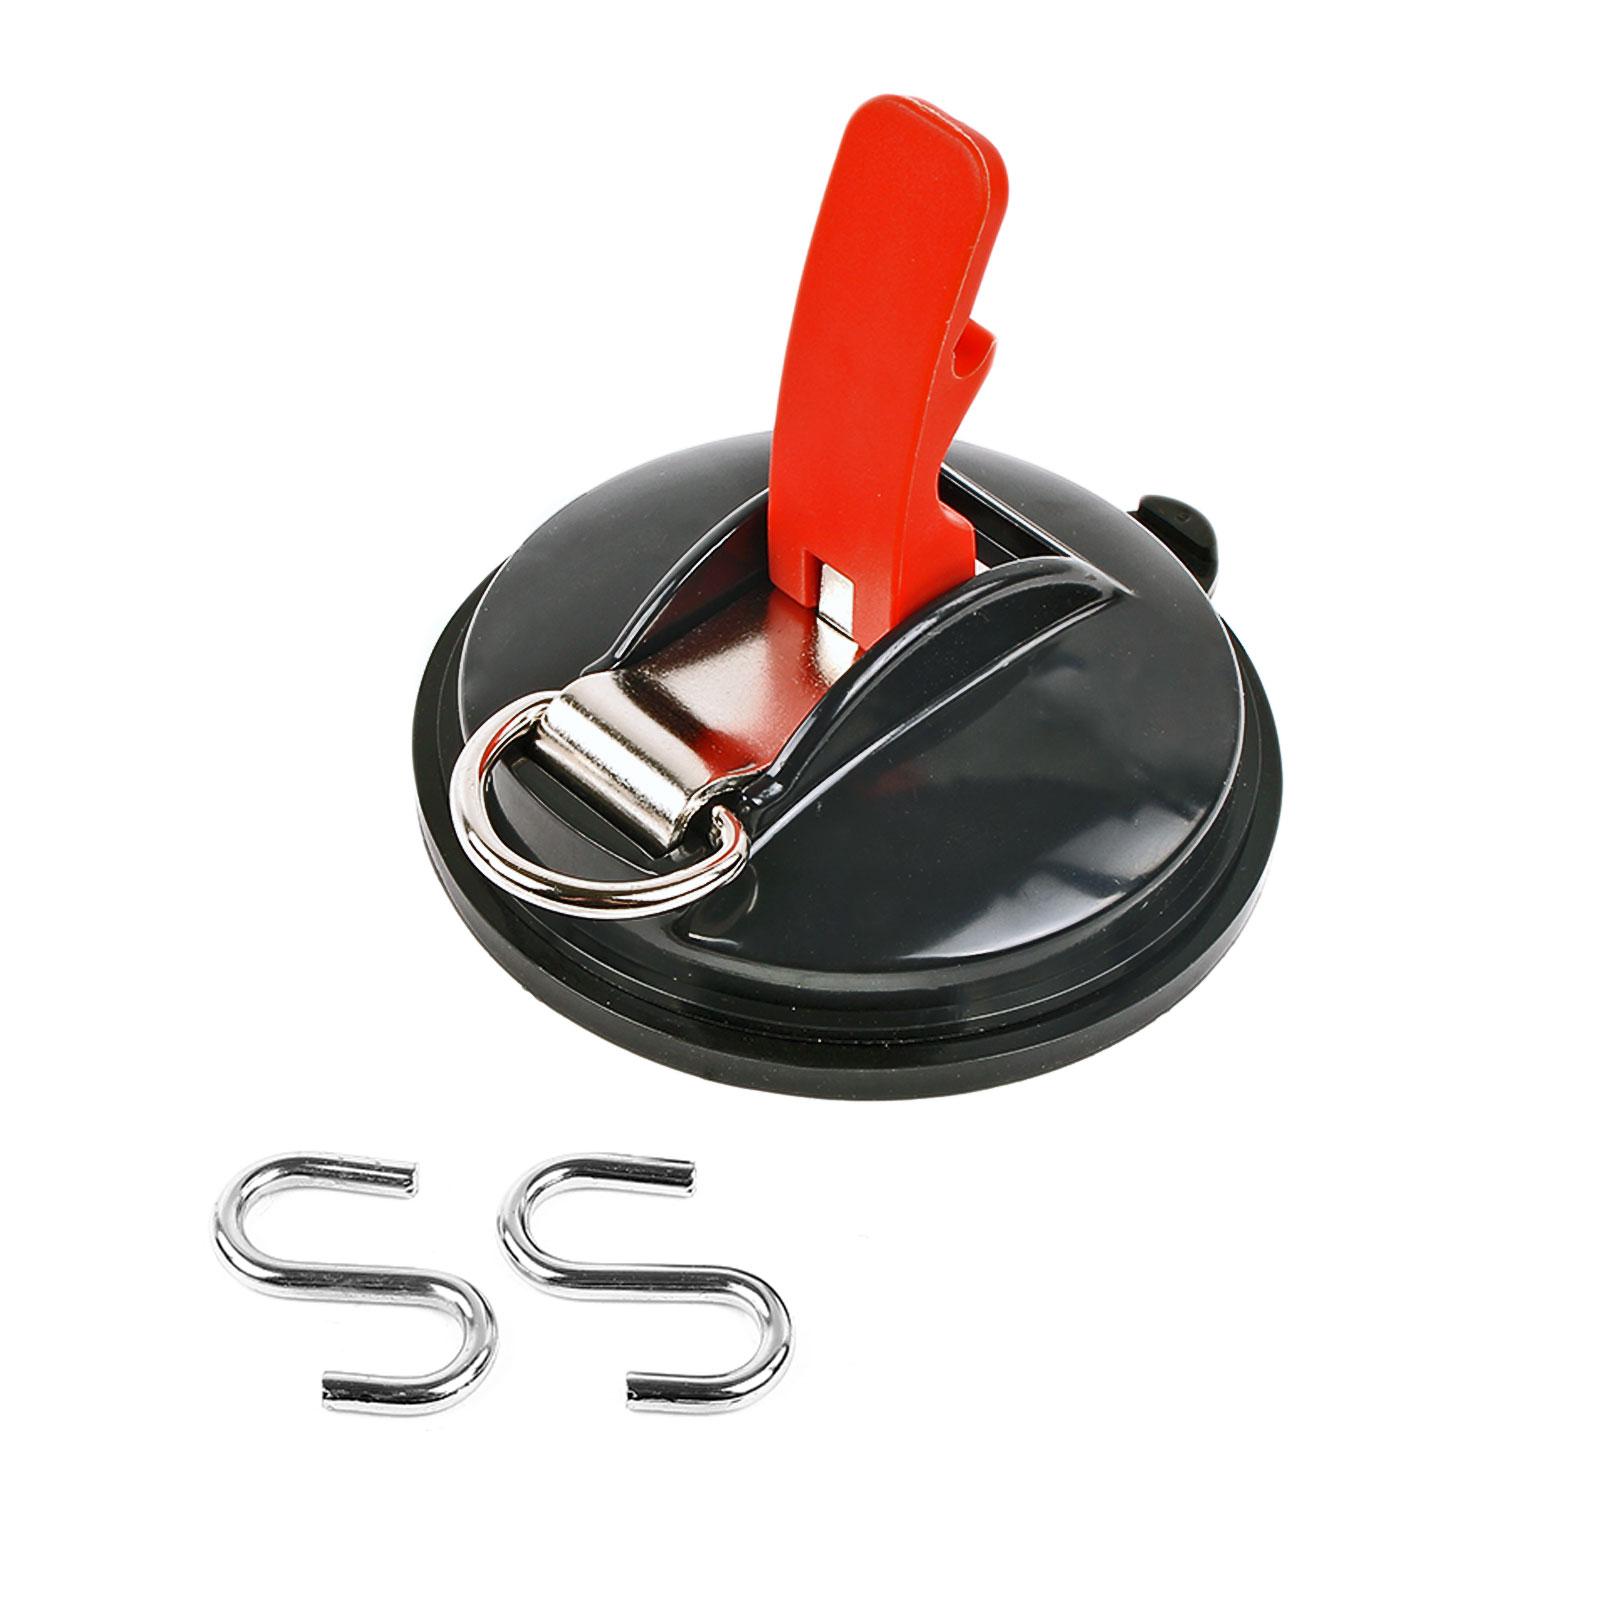 Saugnapf Befestigung mit Ring & 2 S-Haken 10 Kg Tragkraft Klappsauger